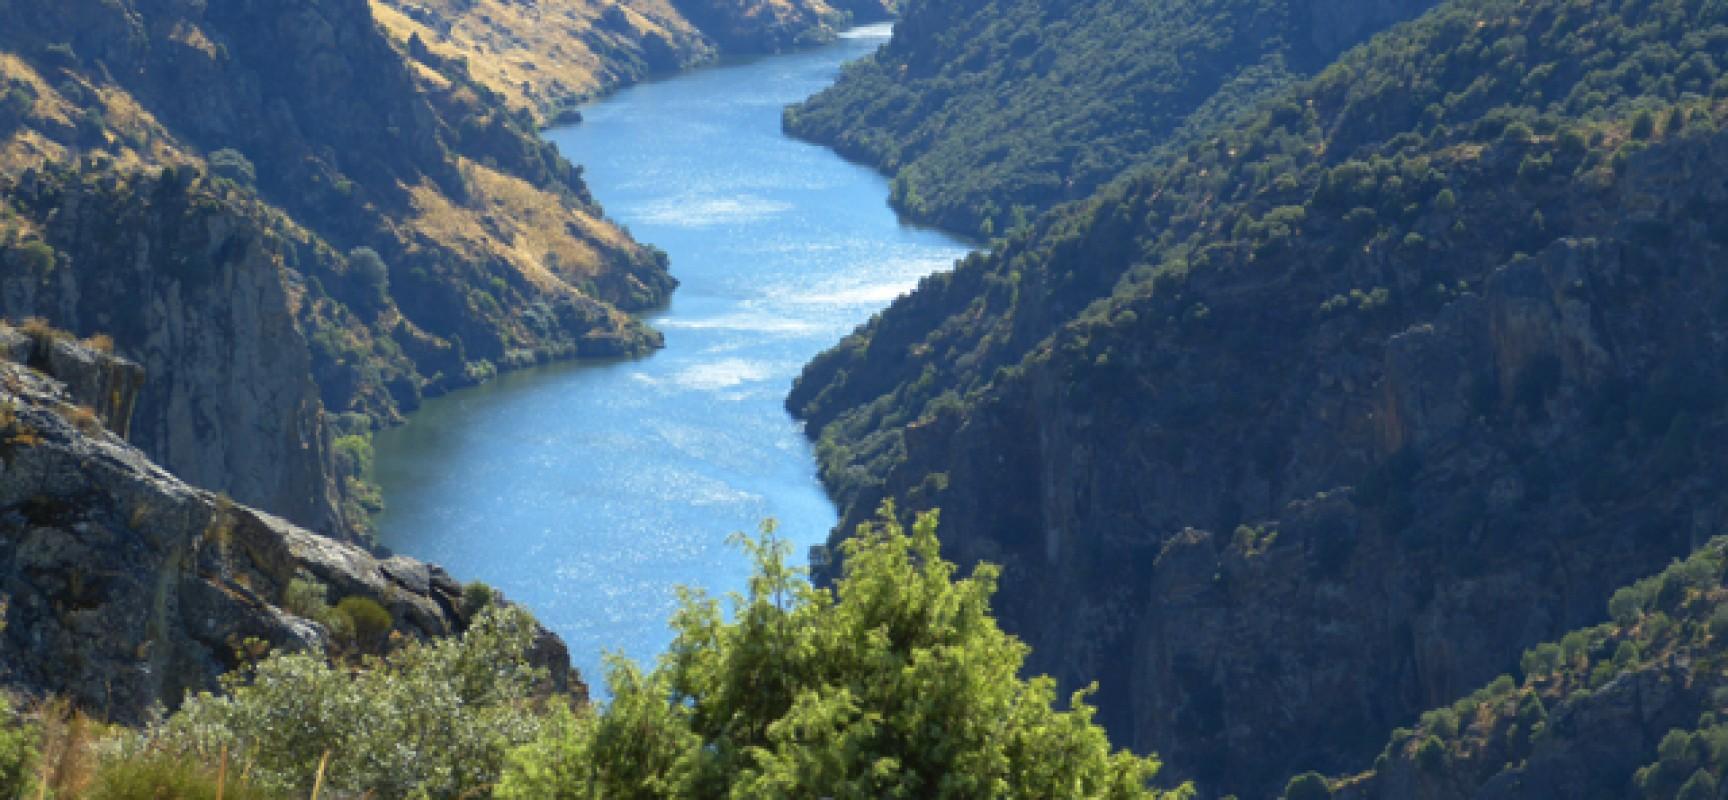 Vistas-de-los-Arribes-del-Duero-desde-Fariza-en-Zamora-1728x800_c